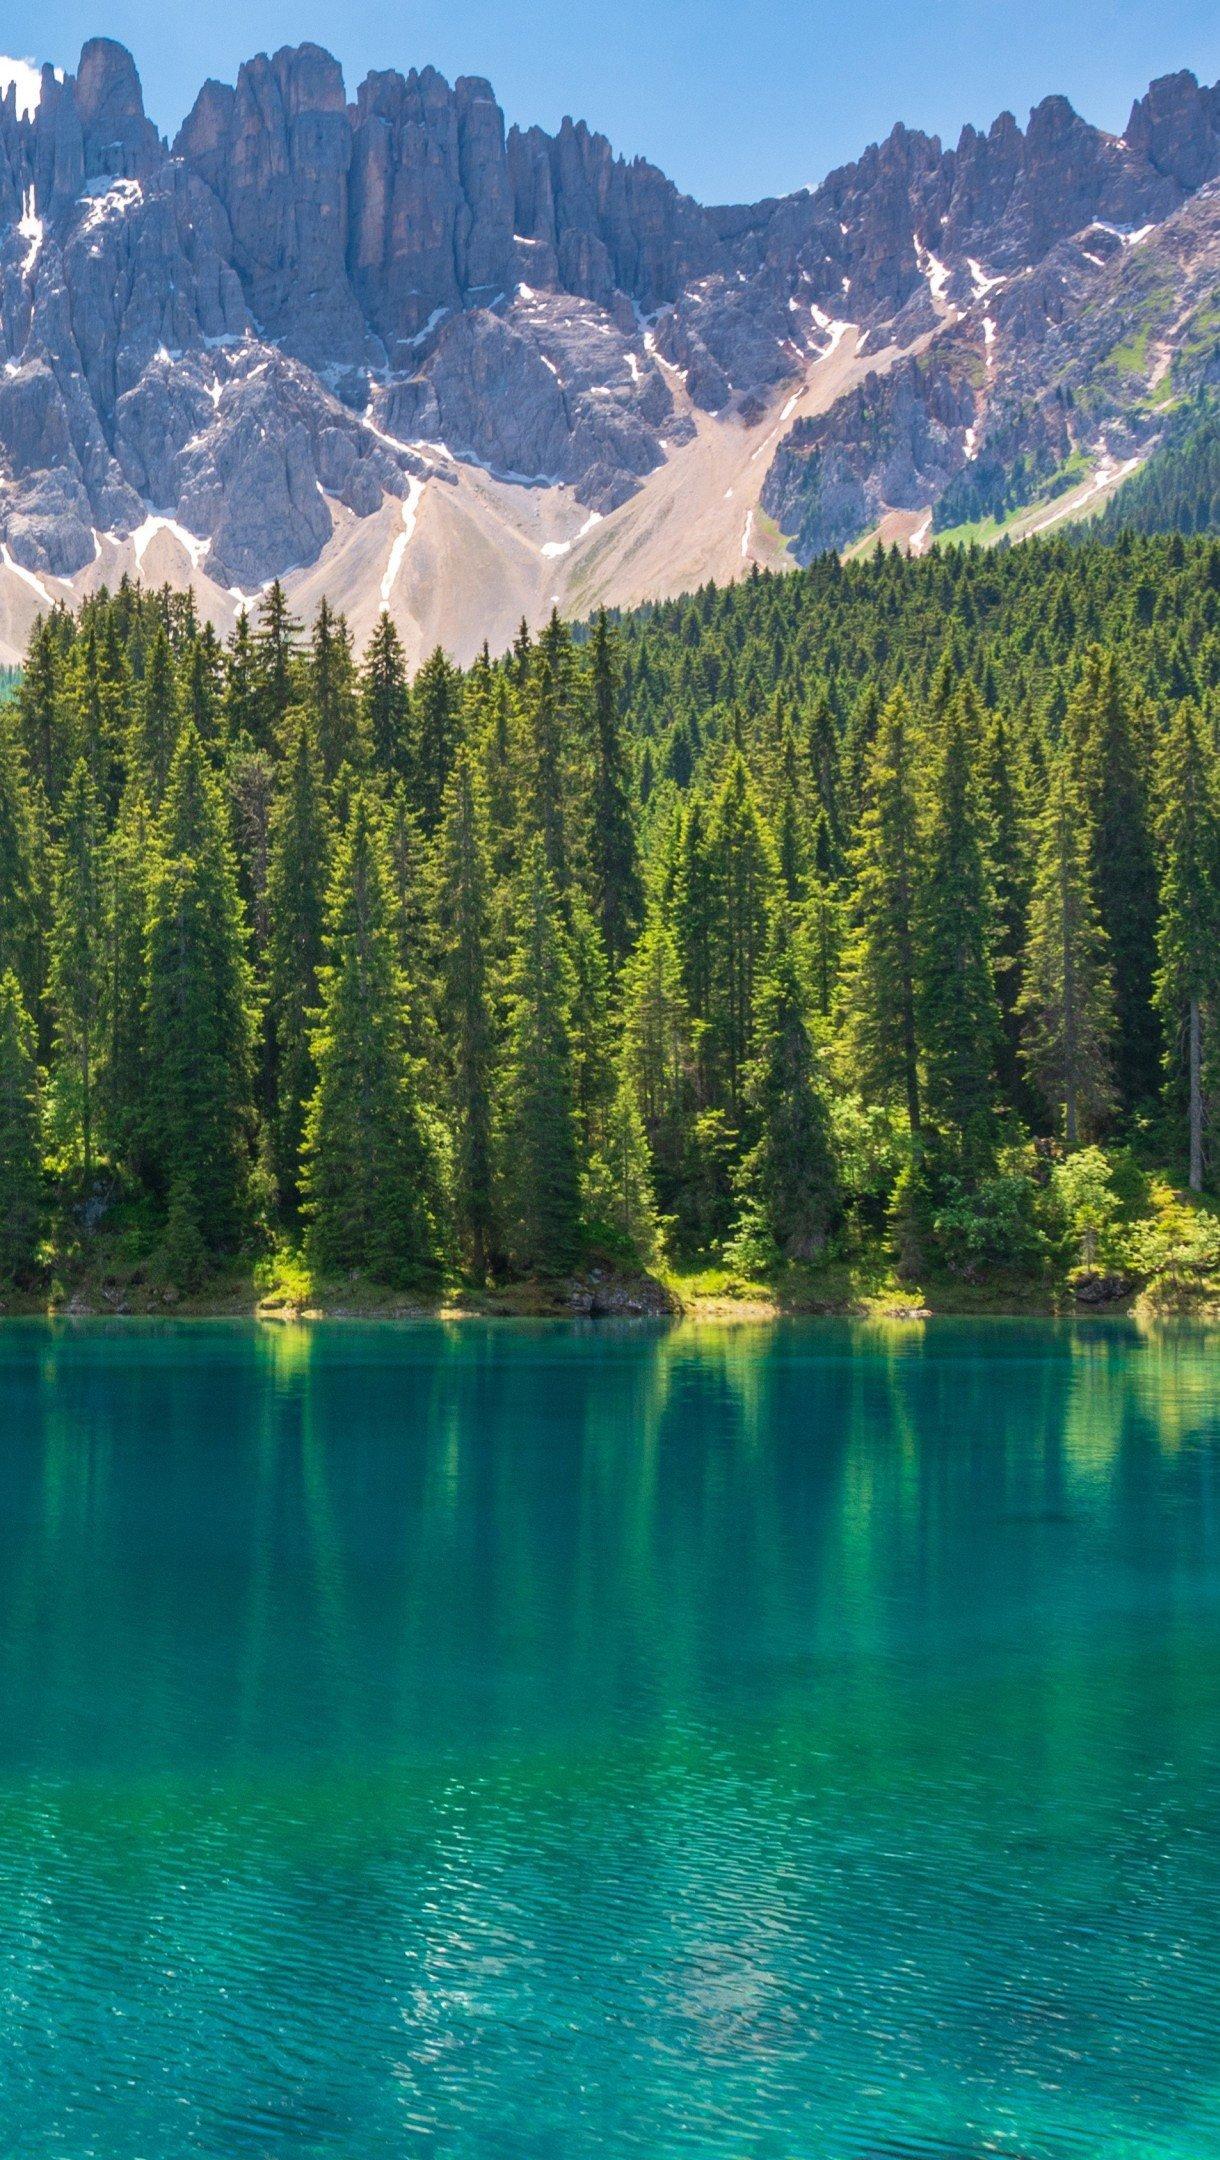 Fondos de pantalla Bosque con lago azulado y montañas Vertical